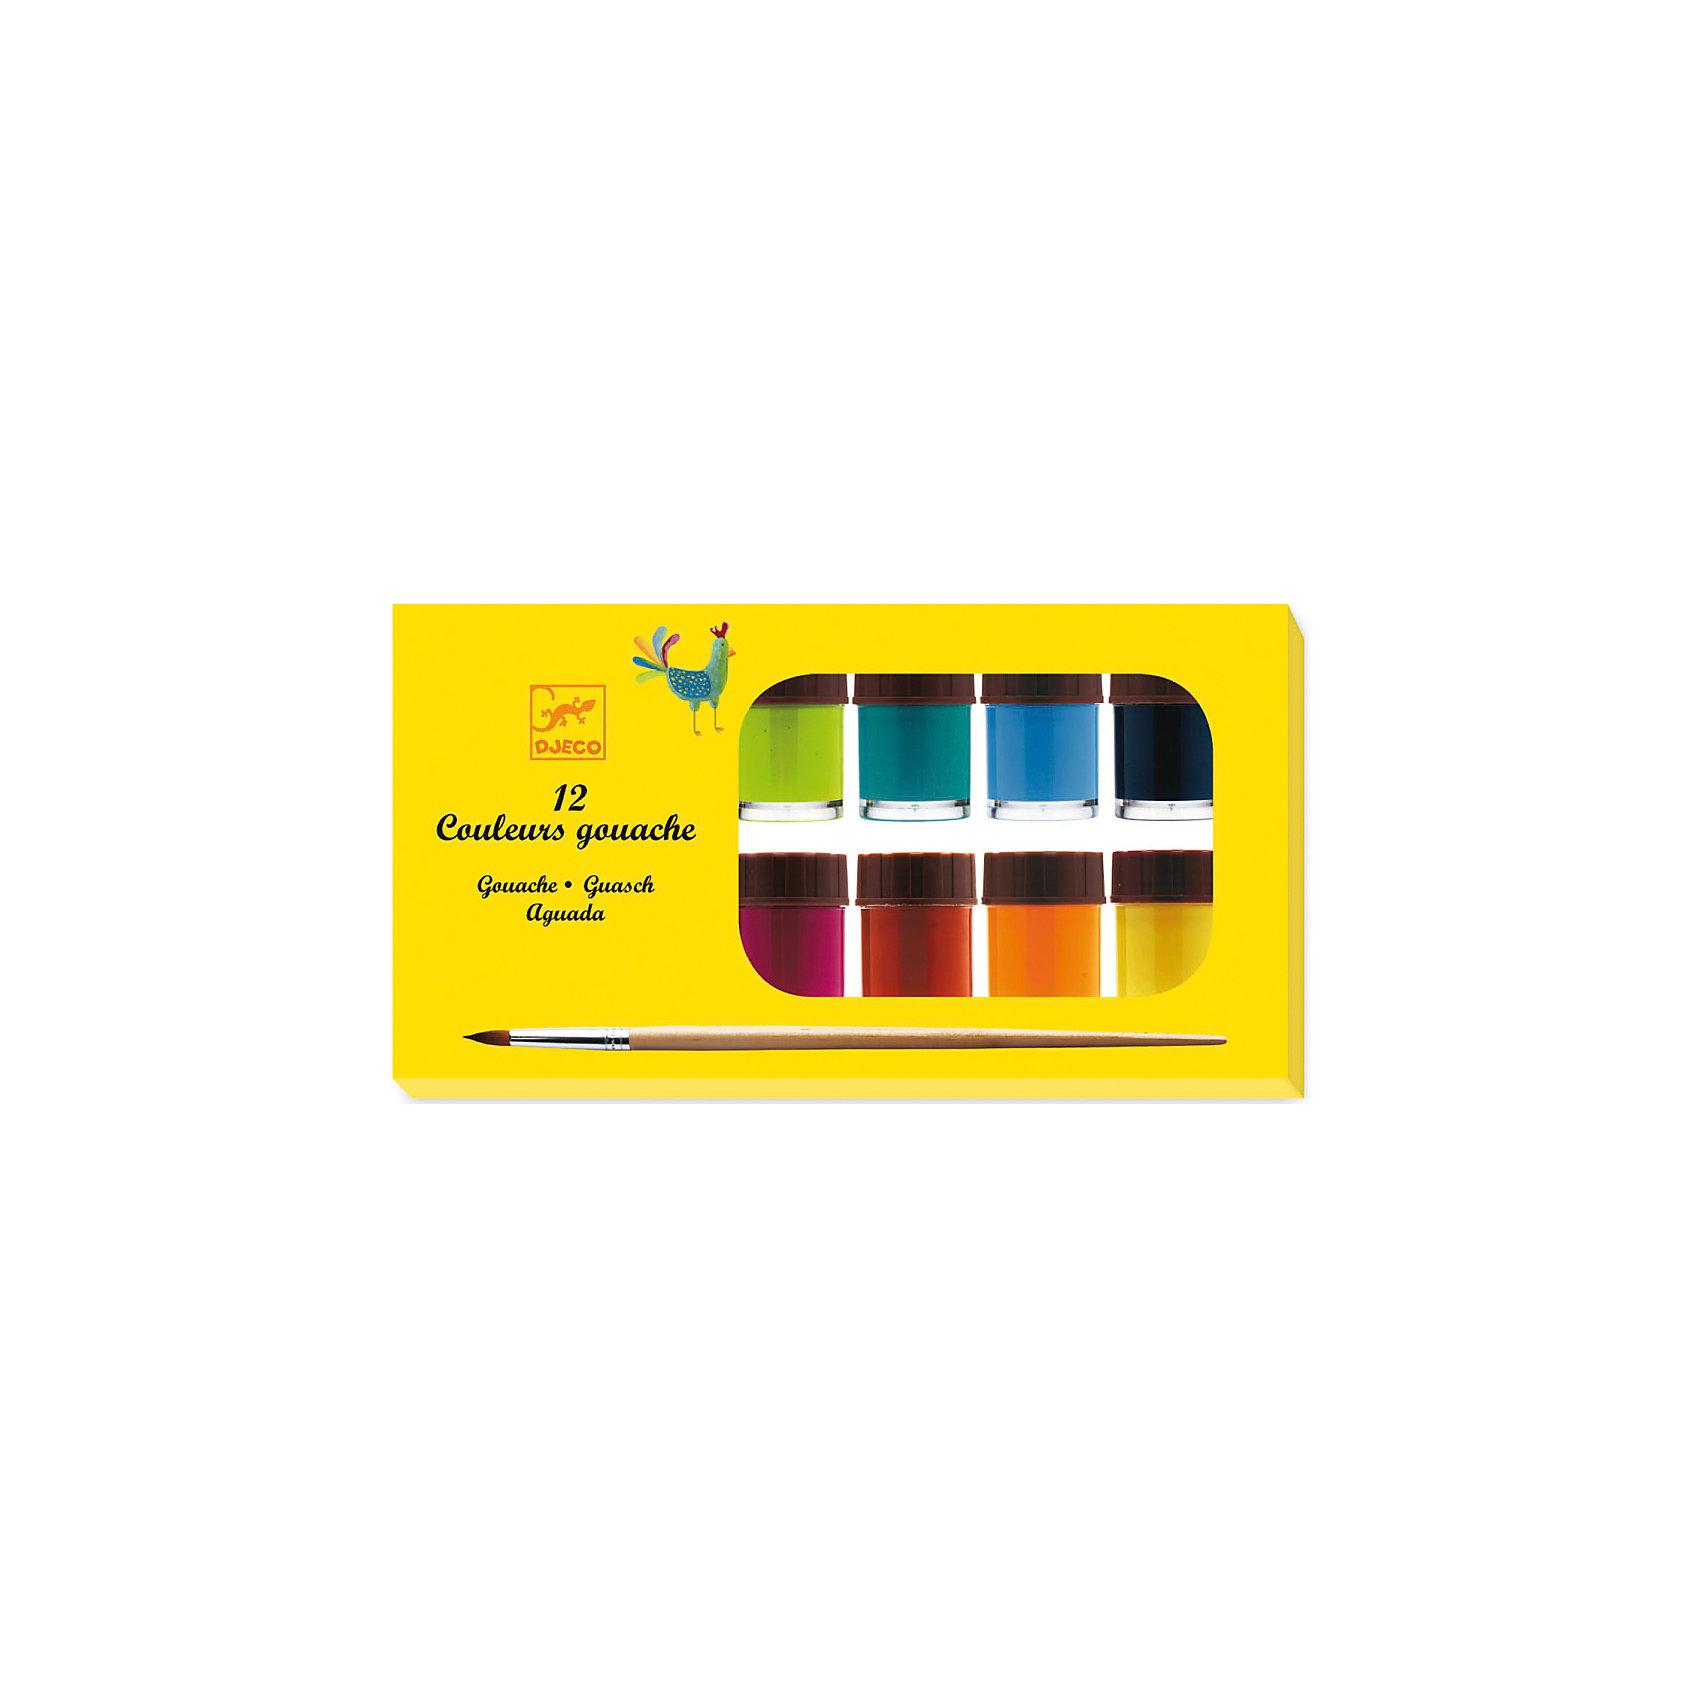 Набор гуашь, 12 цвГуашь классическая - удобный набор с красками от французской фирмы Djeco. Гуашь 12 цветов - замечательный набор, который позволит проявить творческие способности Вашего малыша. Уже с самых ранних лет дети могут учиться рисовать и развивать воображение благодаря ярким краскам от Djeco. Краски выполнены из качественных ингредиентов на водной основе, безопасны для здоровья малышей. Краски удобно использовать, они упакованы в прозрачные стеклянные баночки с закручивающимися крышечками. Краски легко смешиваются, их удобно наносить на бумагу. Рисунки получаются яркие и насыщенные, линии четкие, без комочков. <br>Гуашь сделана из экологически безопасных компонентов, не причинит вреда ребенку, даже если он решит попробовать ее на вкус. Рисовать можно кисточкой из набора или прямо руками. Ребенок, рисуя пальчиками, развивает мелкую моторику, формируются пространственные навыки. С самого раннего возраста рисование развивает познавательные способности, тренируются зрительные и моторные навыки, память, воображение. Через рисунок ребенок учится выражать свои желания и настроения. Родители вместе с малышом могут создавать яркие картины. Можно сделать веселые разноцветные отпечатки ладошек ребенка, мамы и папы, и поместить их в домашний альбом. В наборе: 12 баночек по 15 мл., кисточка для рисования.<br><br>Набор гуашь, 12 цв можно купить в нашем магазине.<br><br>Ширина мм: 240<br>Глубина мм: 130<br>Высота мм: 40<br>Вес г: 520<br>Возраст от месяцев: 24<br>Возраст до месяцев: 60<br>Пол: Унисекс<br>Возраст: Детский<br>SKU: 4783854